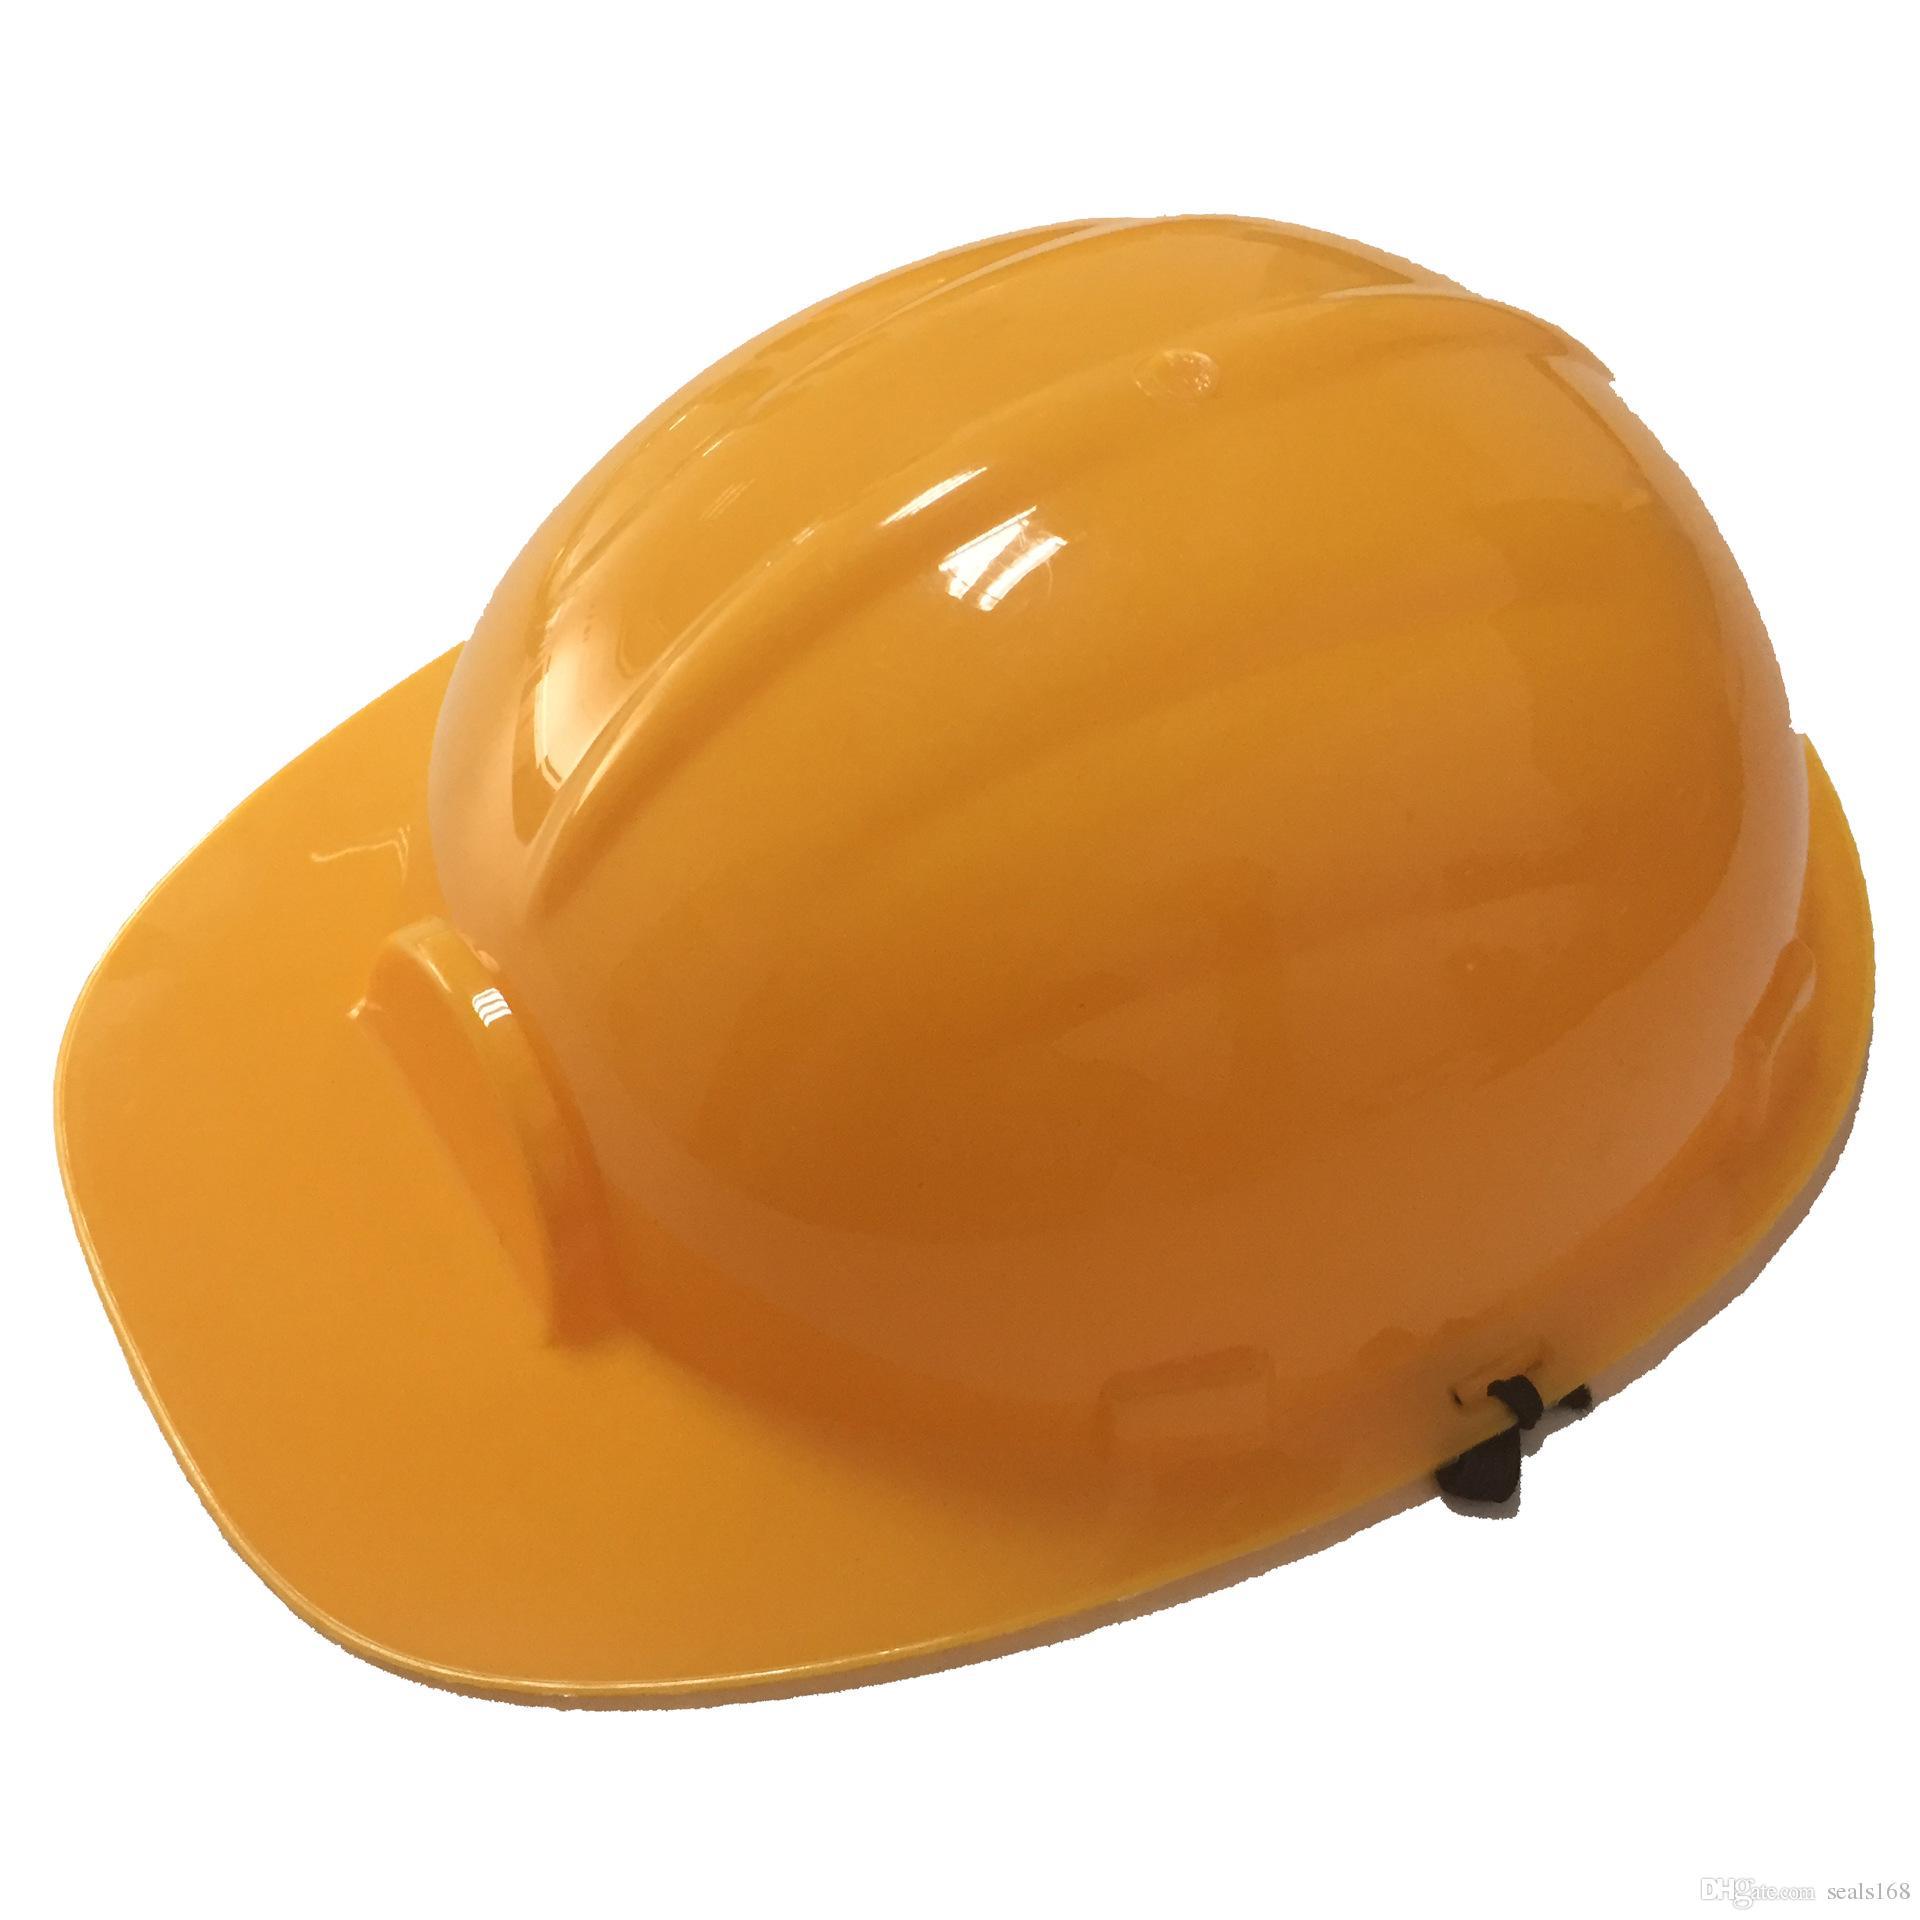 Enfants Dress Up Soft Construction En Plastique Chapeaux Dur Accessoire Pour Enfants Construction De Bâtiment Thème Drôle Party Favors Jouets Hat HH7-428